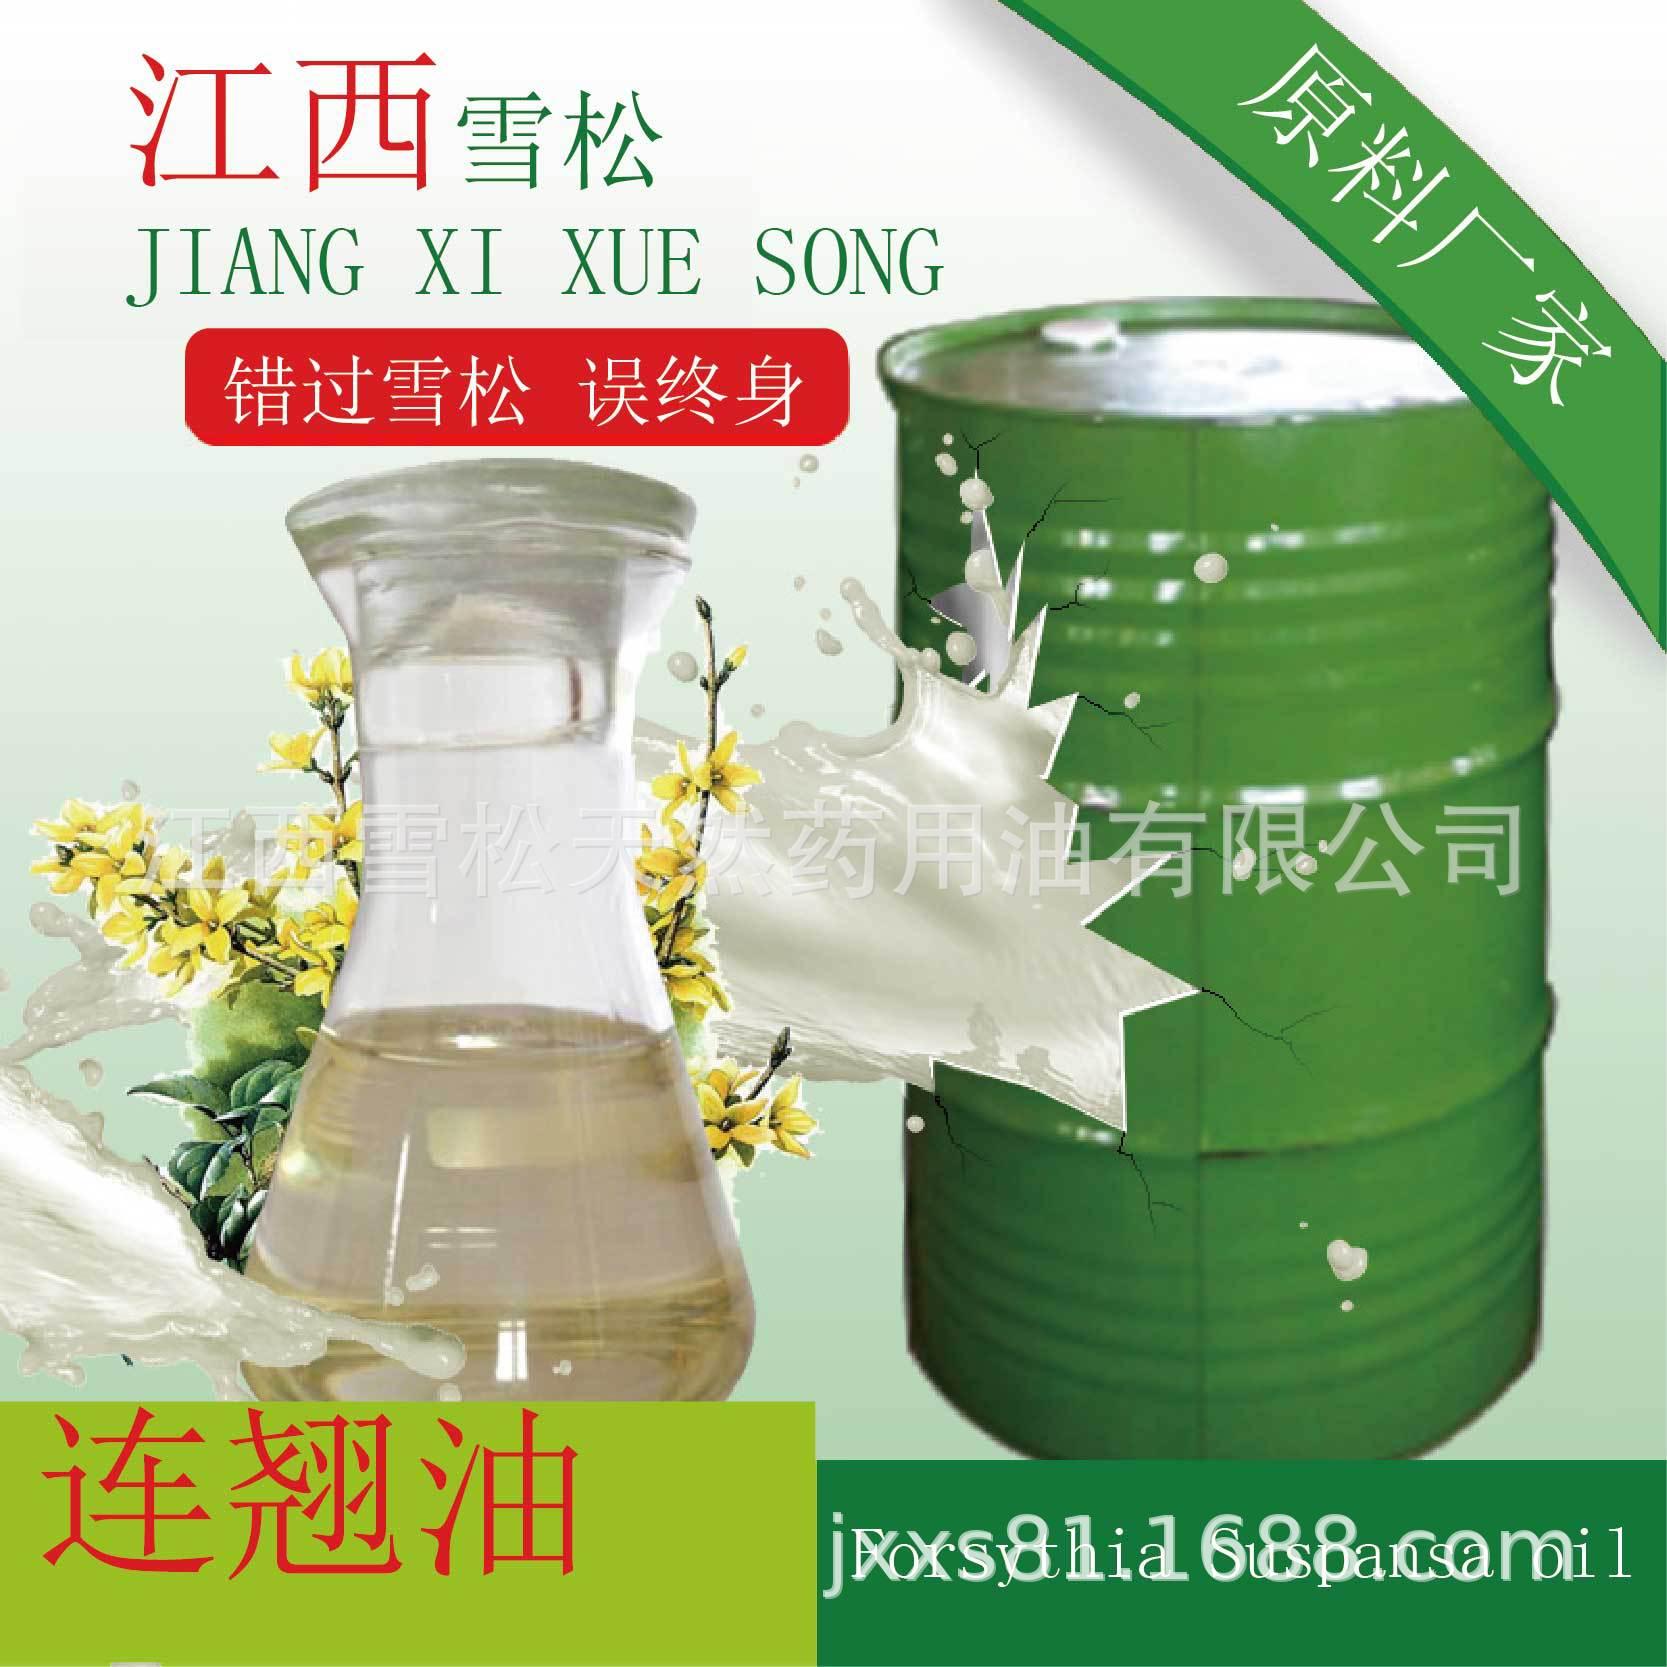 厂家直销  连翘油 植物萃取 单方精油 连翘提取液 可批发零售